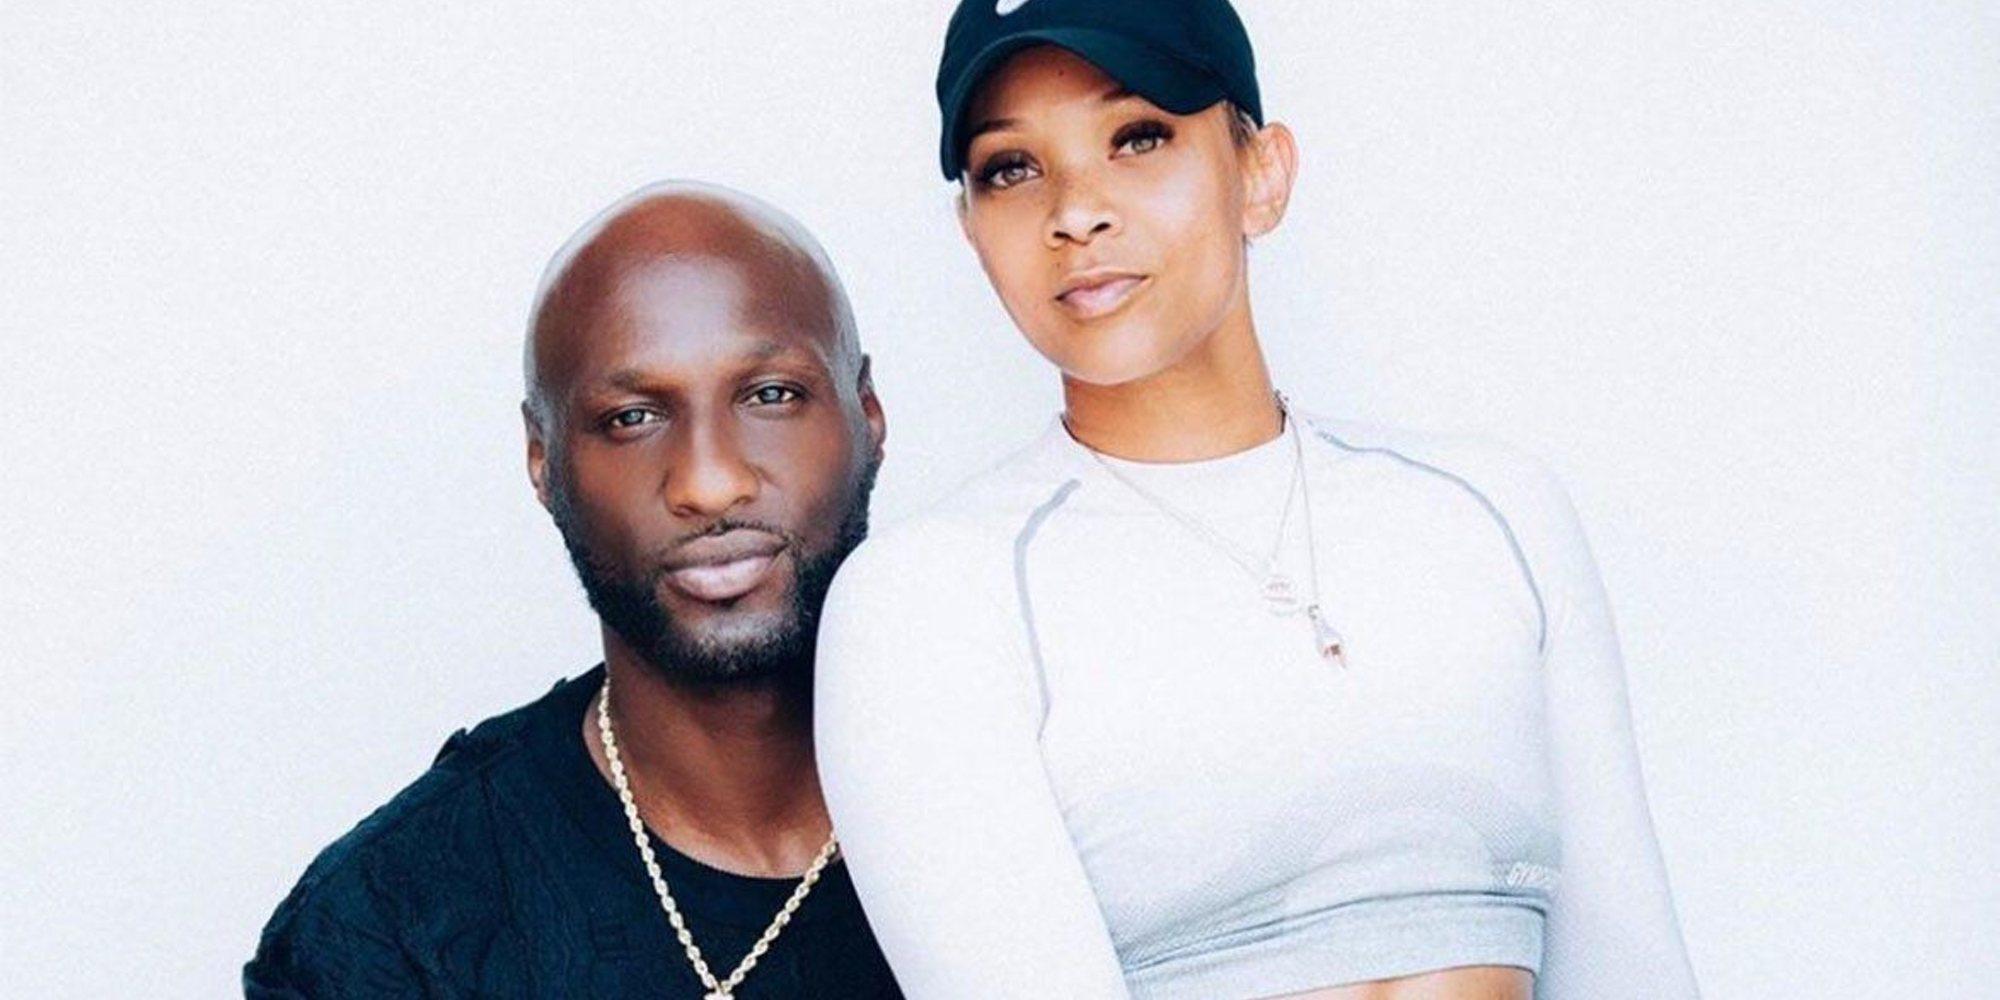 Las románticas palabras de Sabrina Parr a Lamar Odom tras su reconciliación